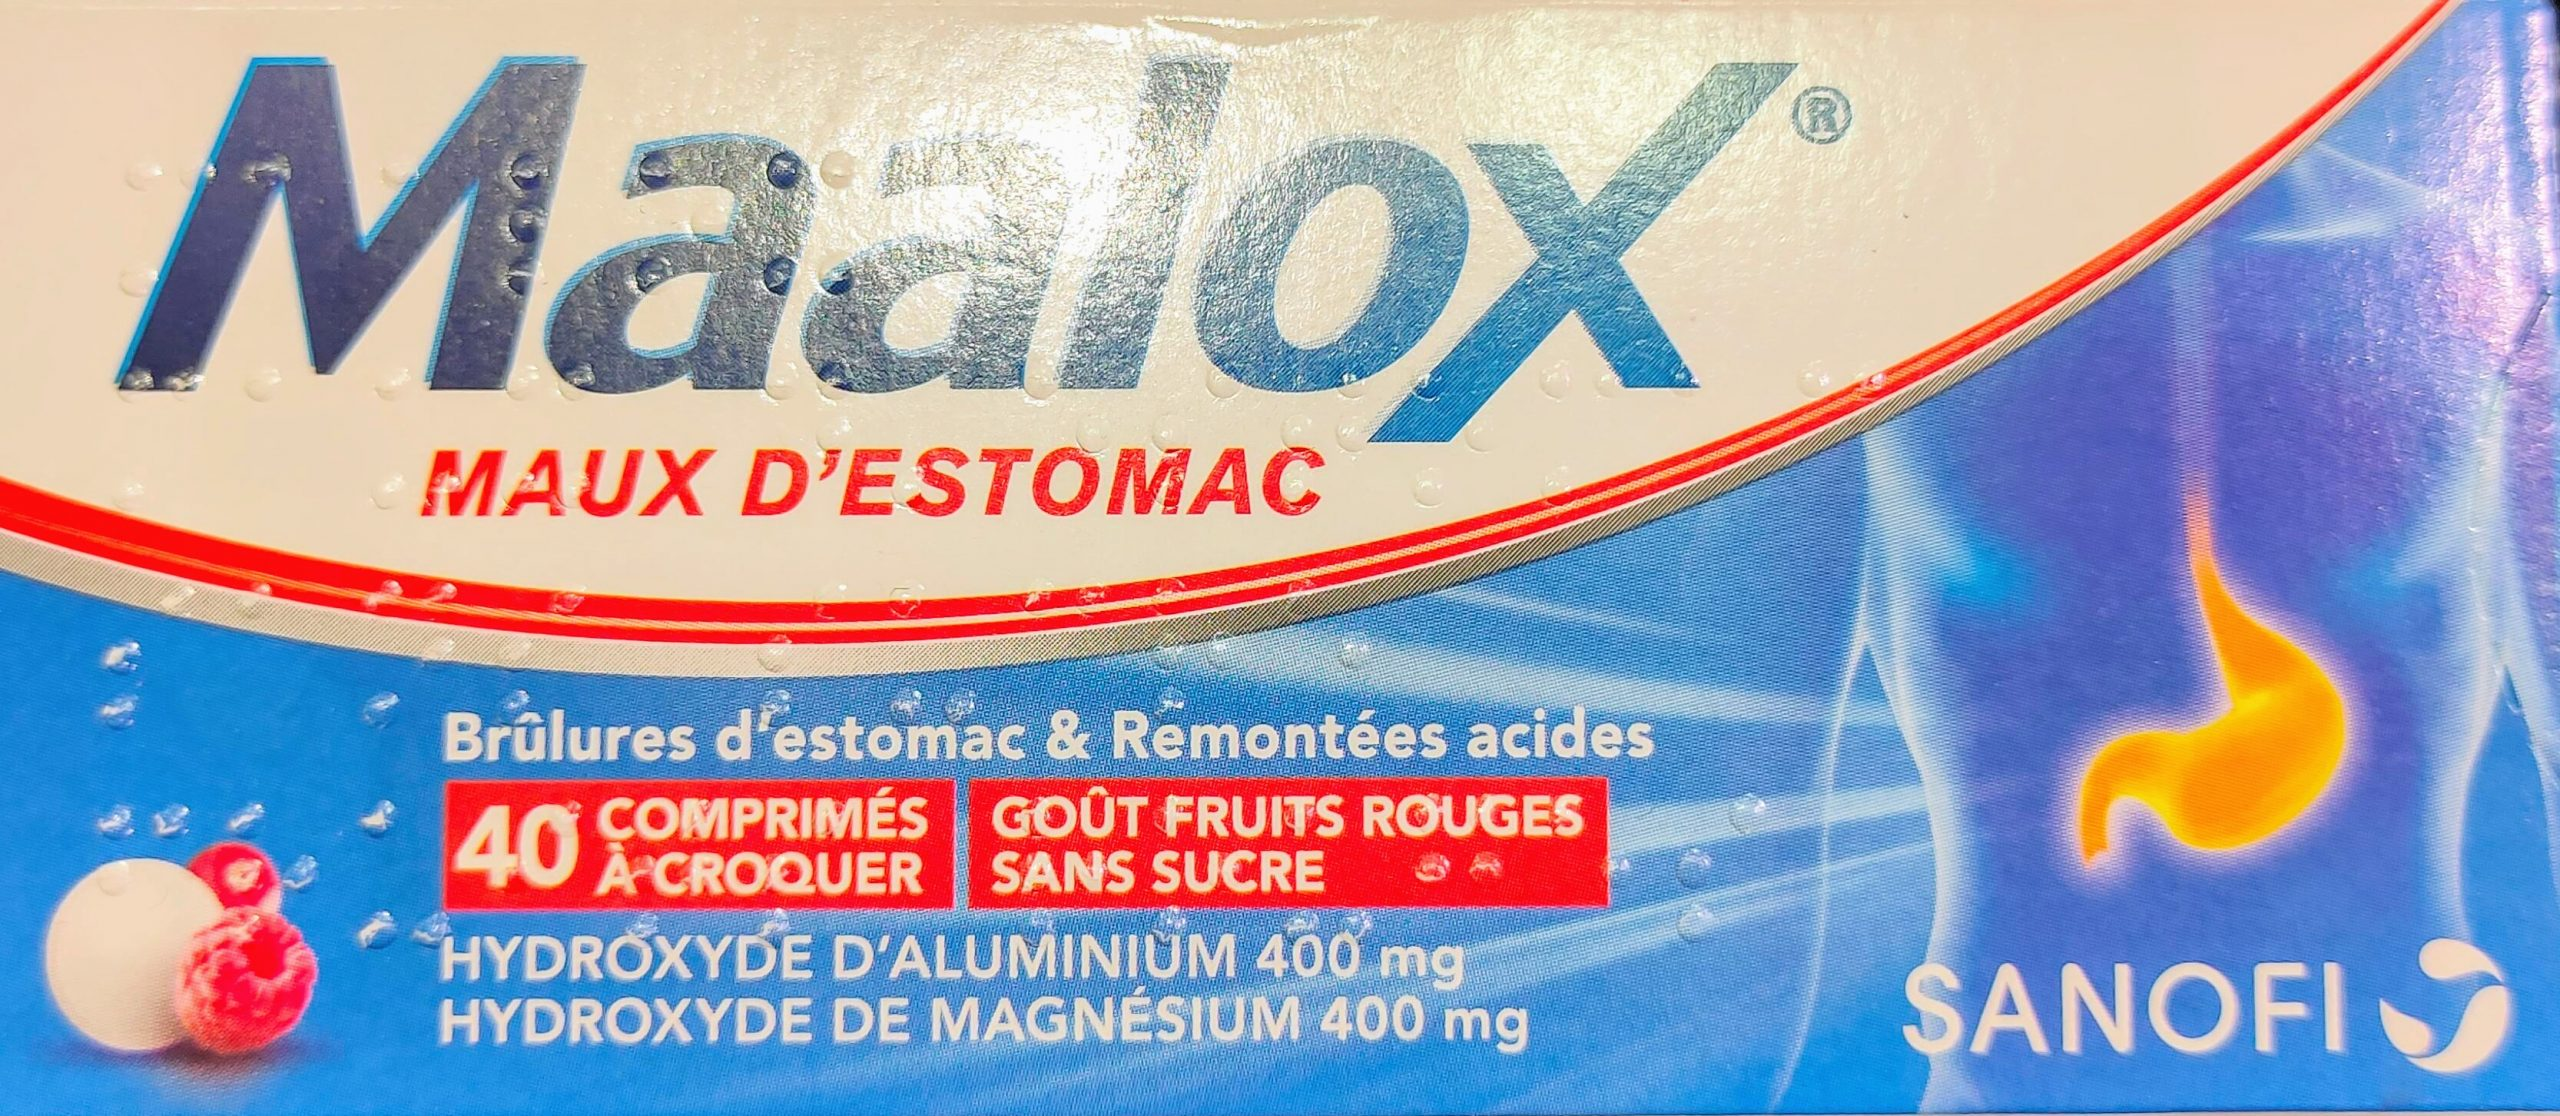 Maalox Maux de Stomach es un medicamento recomendado para acidez estomacal y reflujo ácido en adultos y niños de 15 años